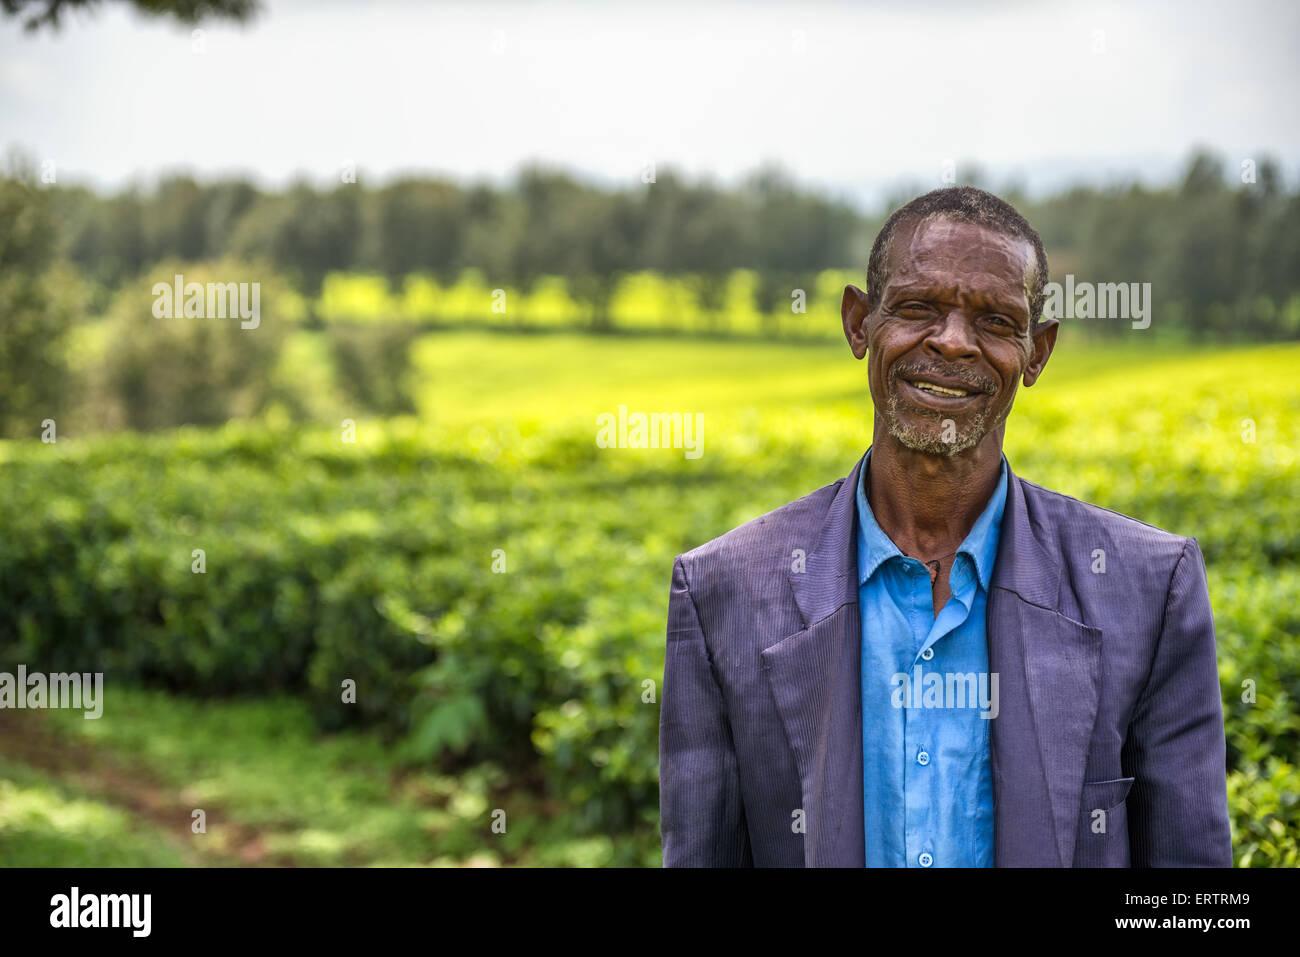 Ethiopian farmer on a tea plantation near Jimma, Ethiopia - Stock Image